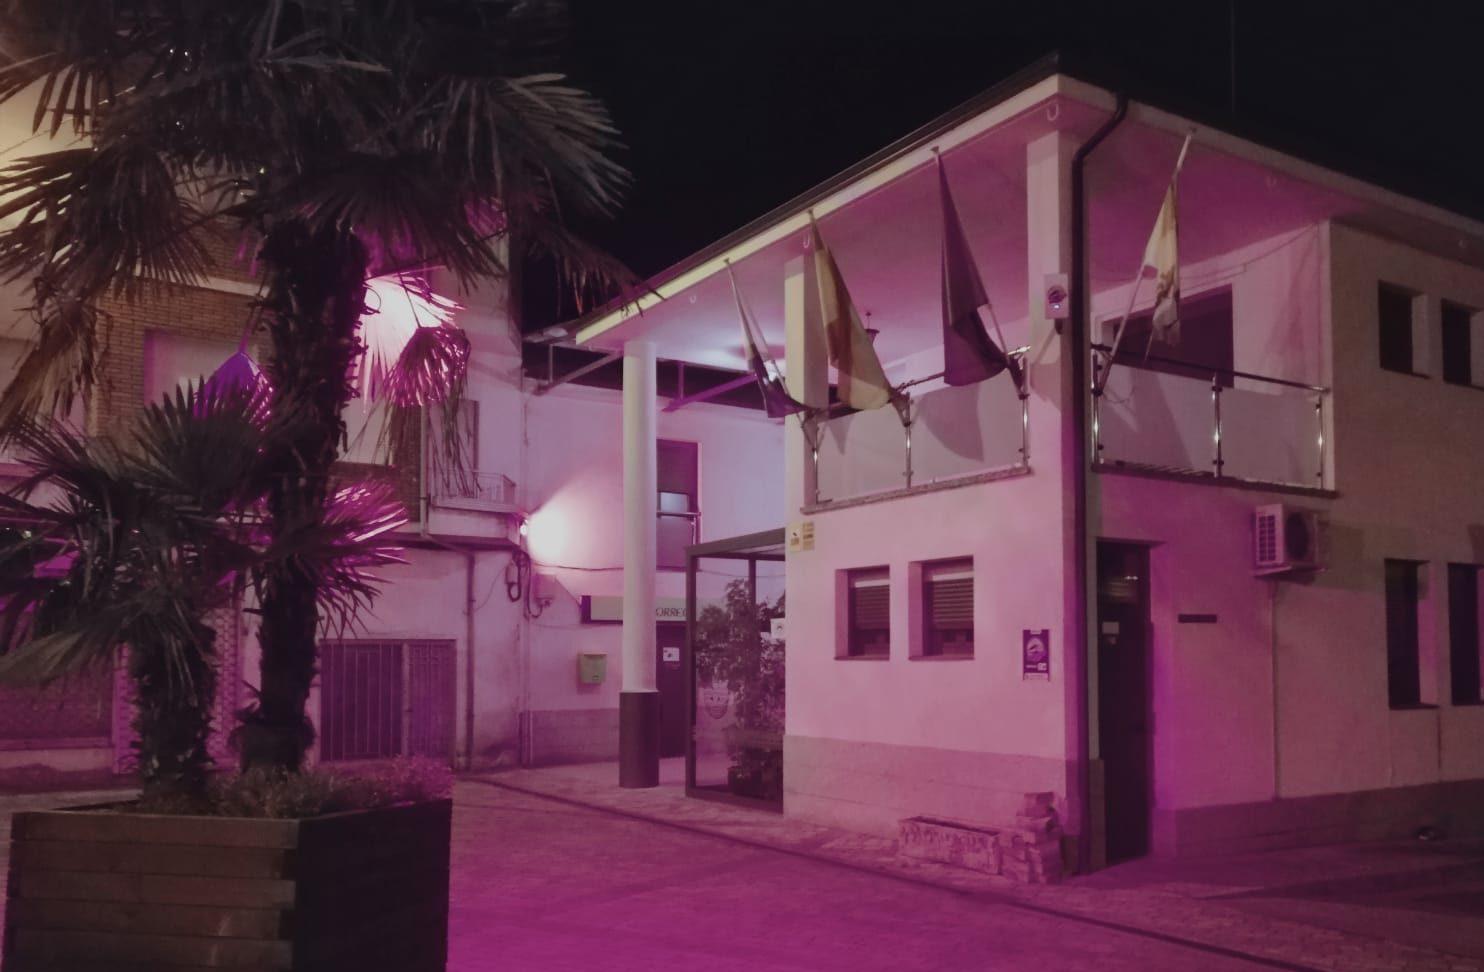 Toral de los Vados ilumina su Ayuntamiento de color rosa con motivo del Día Internacional del Cáncer de Mama 1